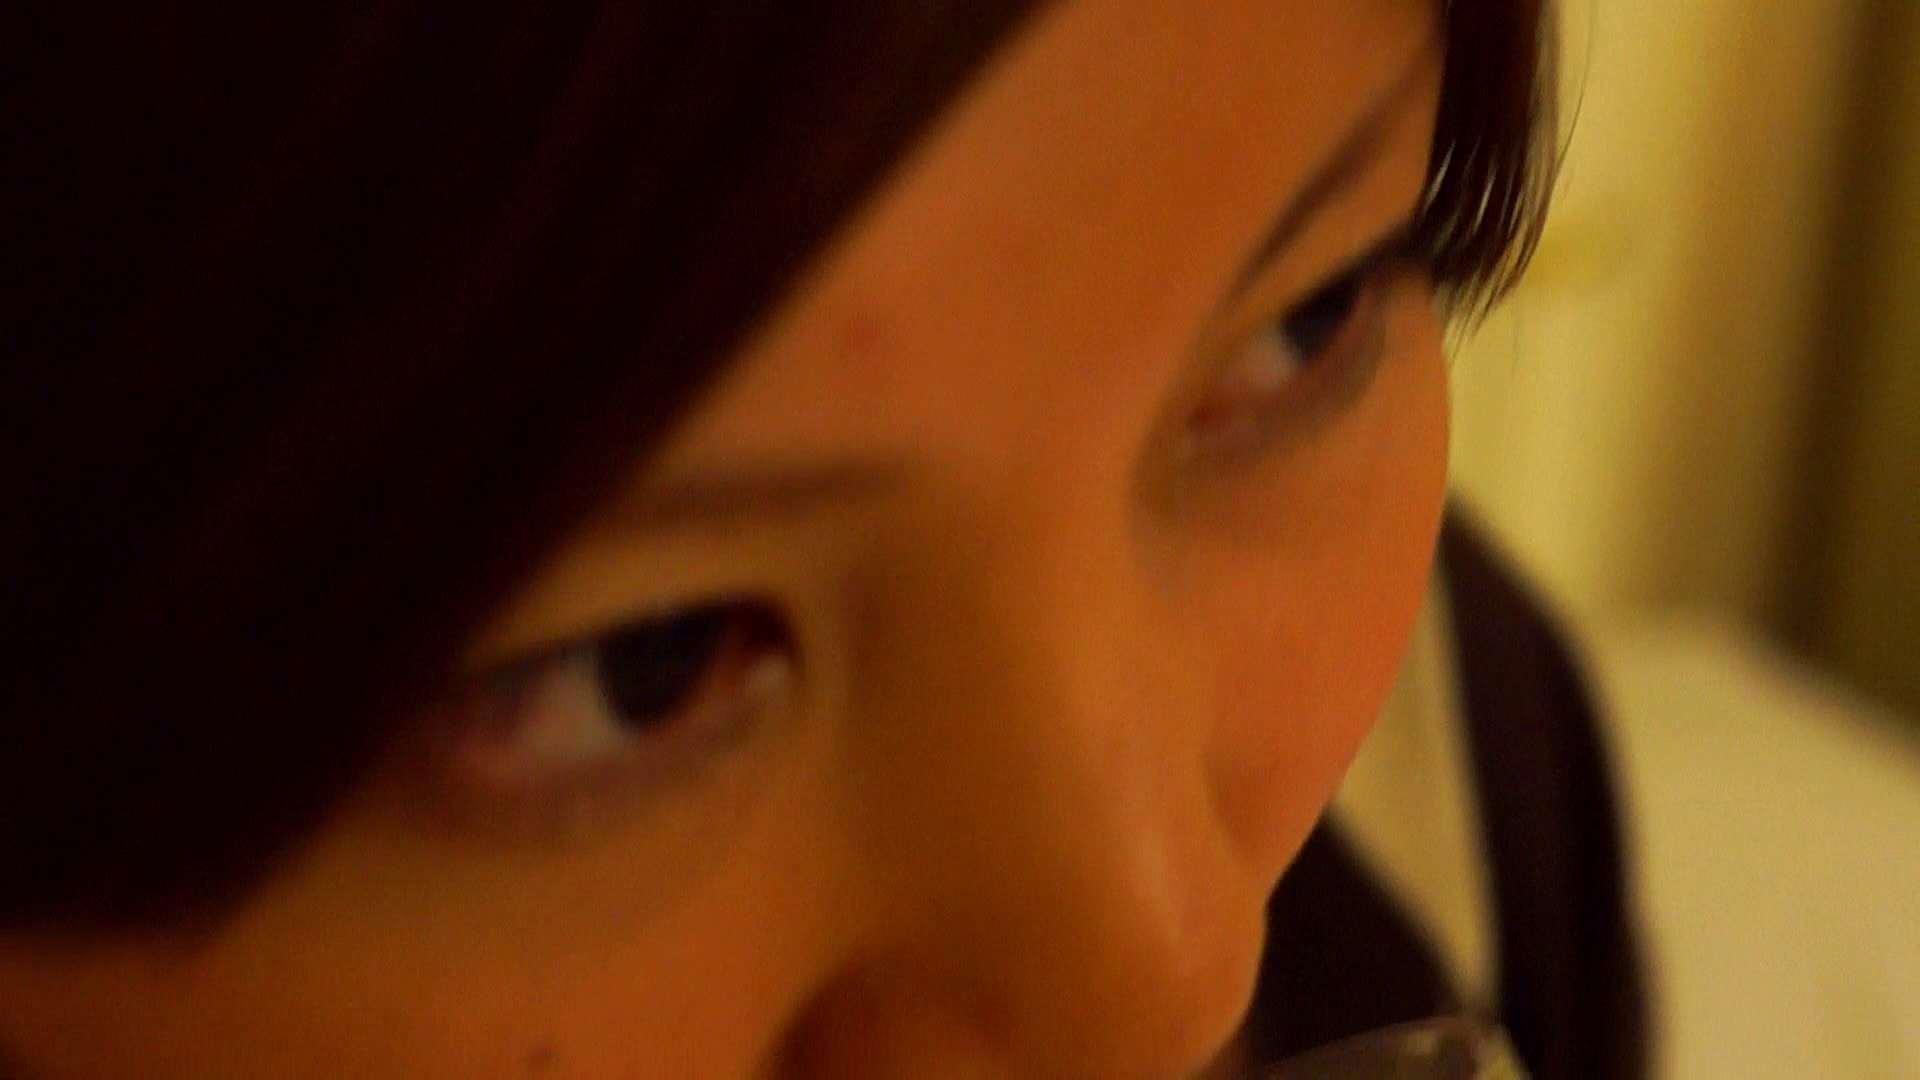 vol.12 瑞希ちゃんにコップを舐めてもらいました。 OLのエッチ | フェチ  101pic 91